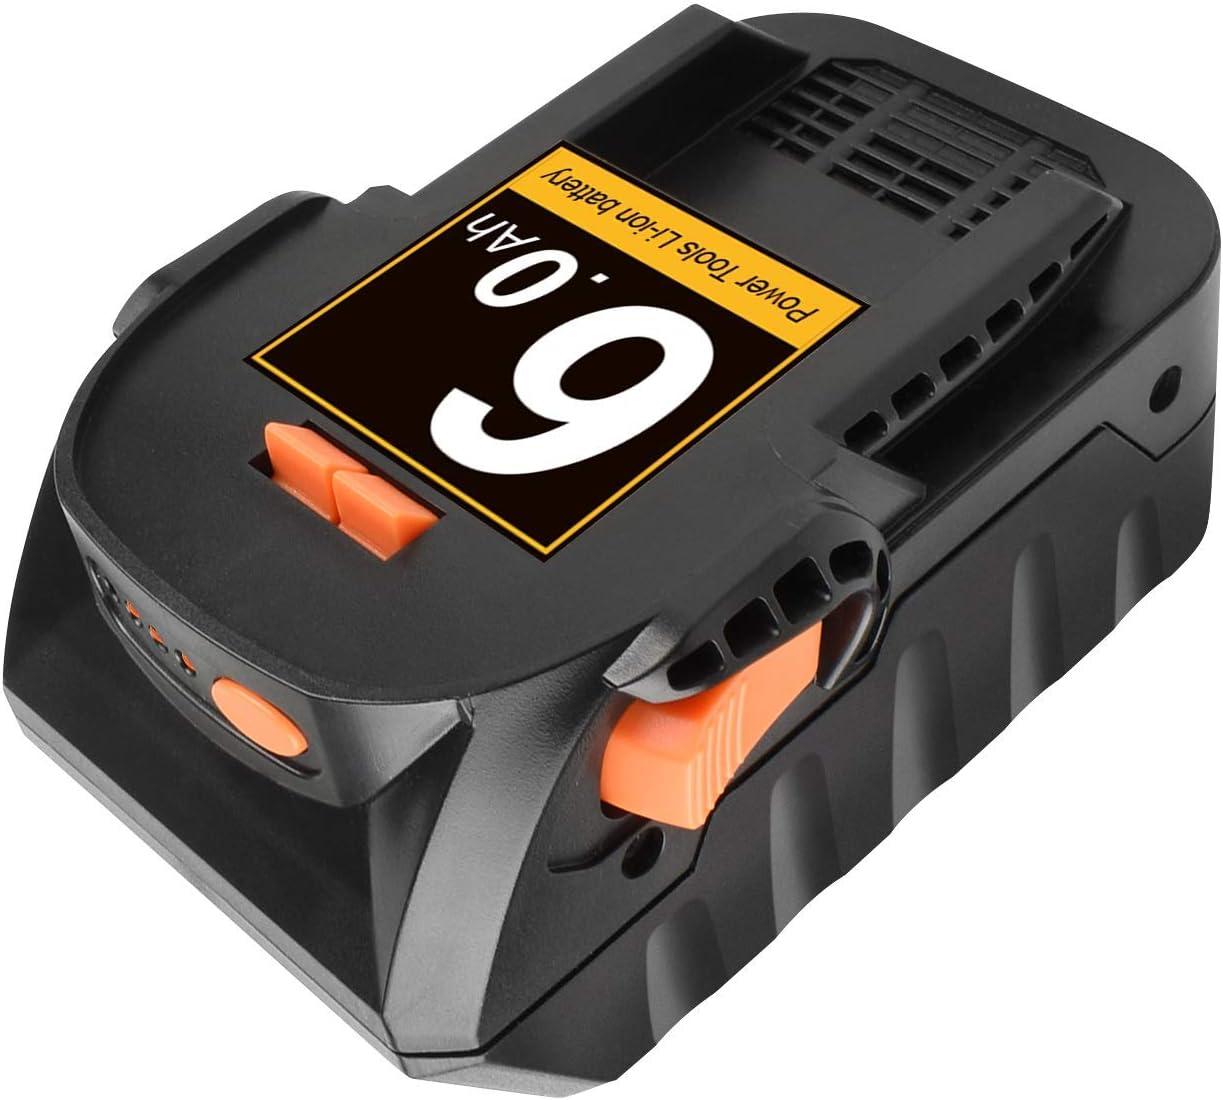 For Ridgid R840085 6.0Ah Lithium Battery Rigid 18V R840087 R840083 Power Tools